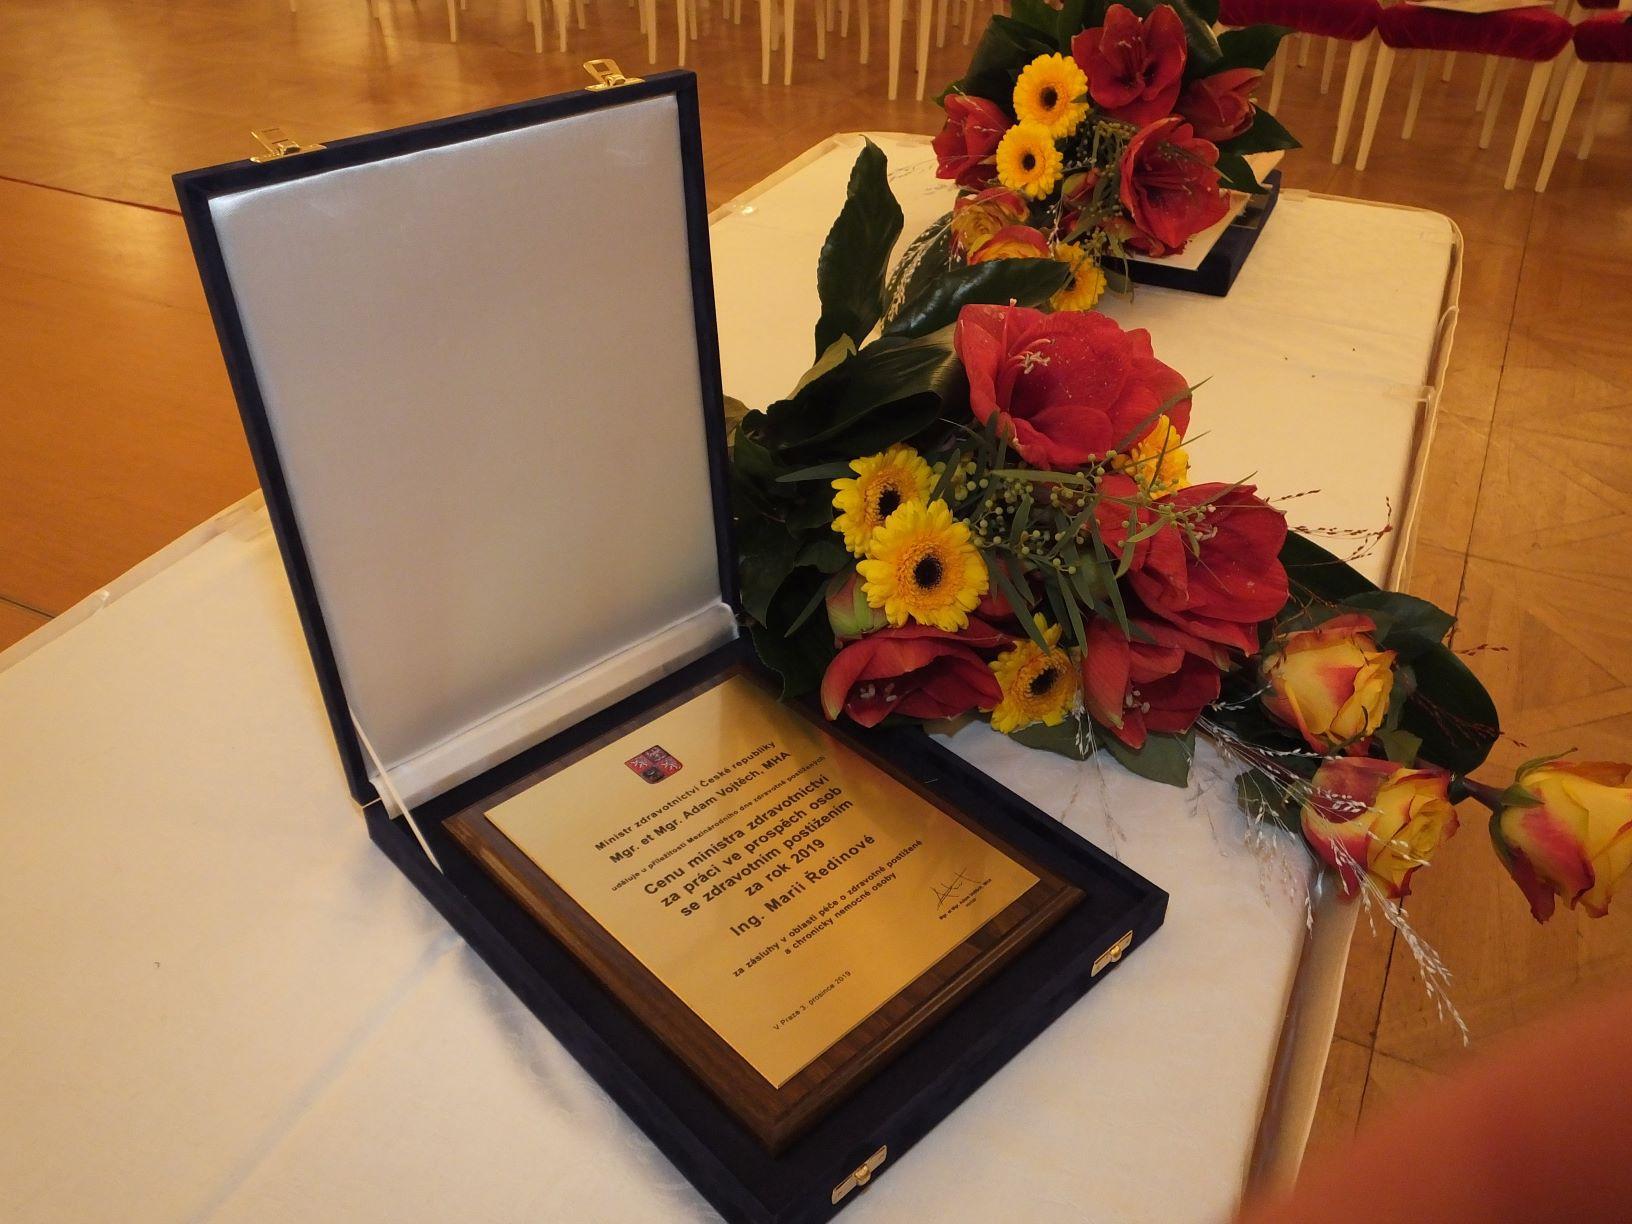 Obr.2 Cena ministra zdravotnictví za práci ve prospěch osob se zdravotním postižením